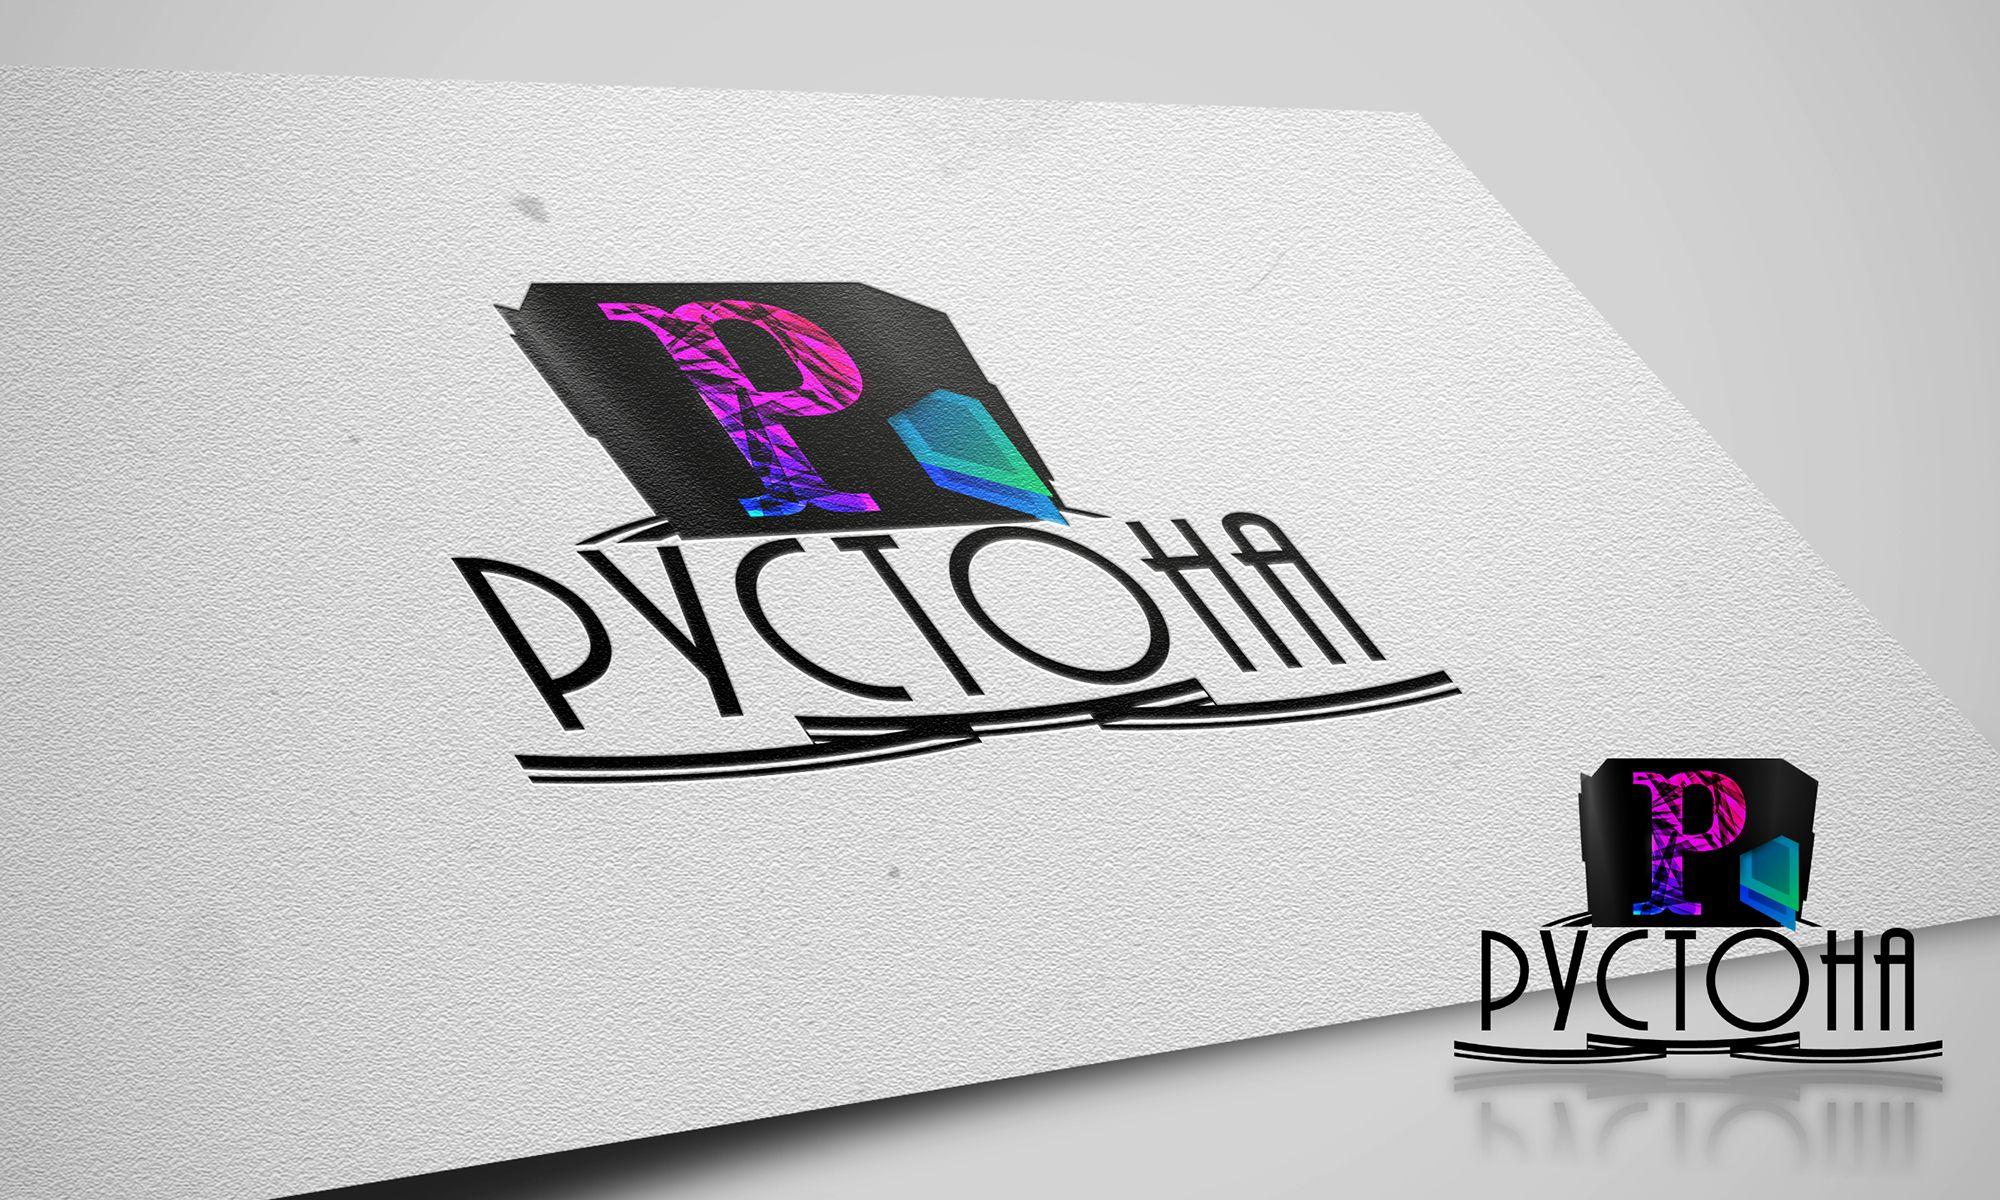 Логотип для компании Рустона (www.rustona.com) - дизайнер GQmyteam